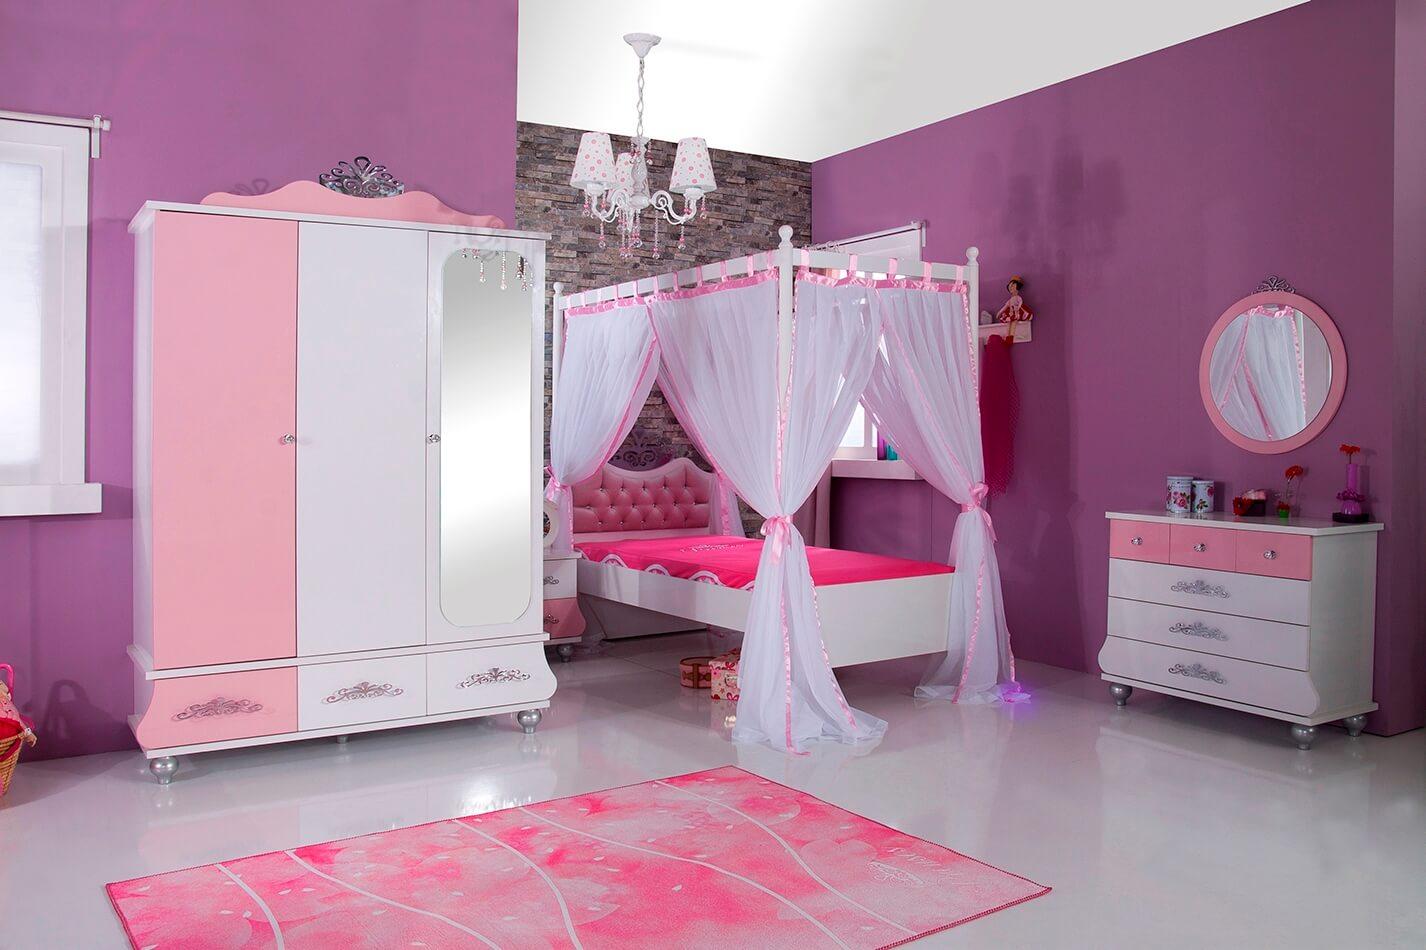 Full Size of Komplett Kinderzimmer Anastasia Rosa Mit Himmelbett 5 Teiliges Set Günstige Schlafzimmer Badezimmer Wohnzimmer Breaking Bad Komplette Serie Komplettset Bett Kinderzimmer Komplett Kinderzimmer